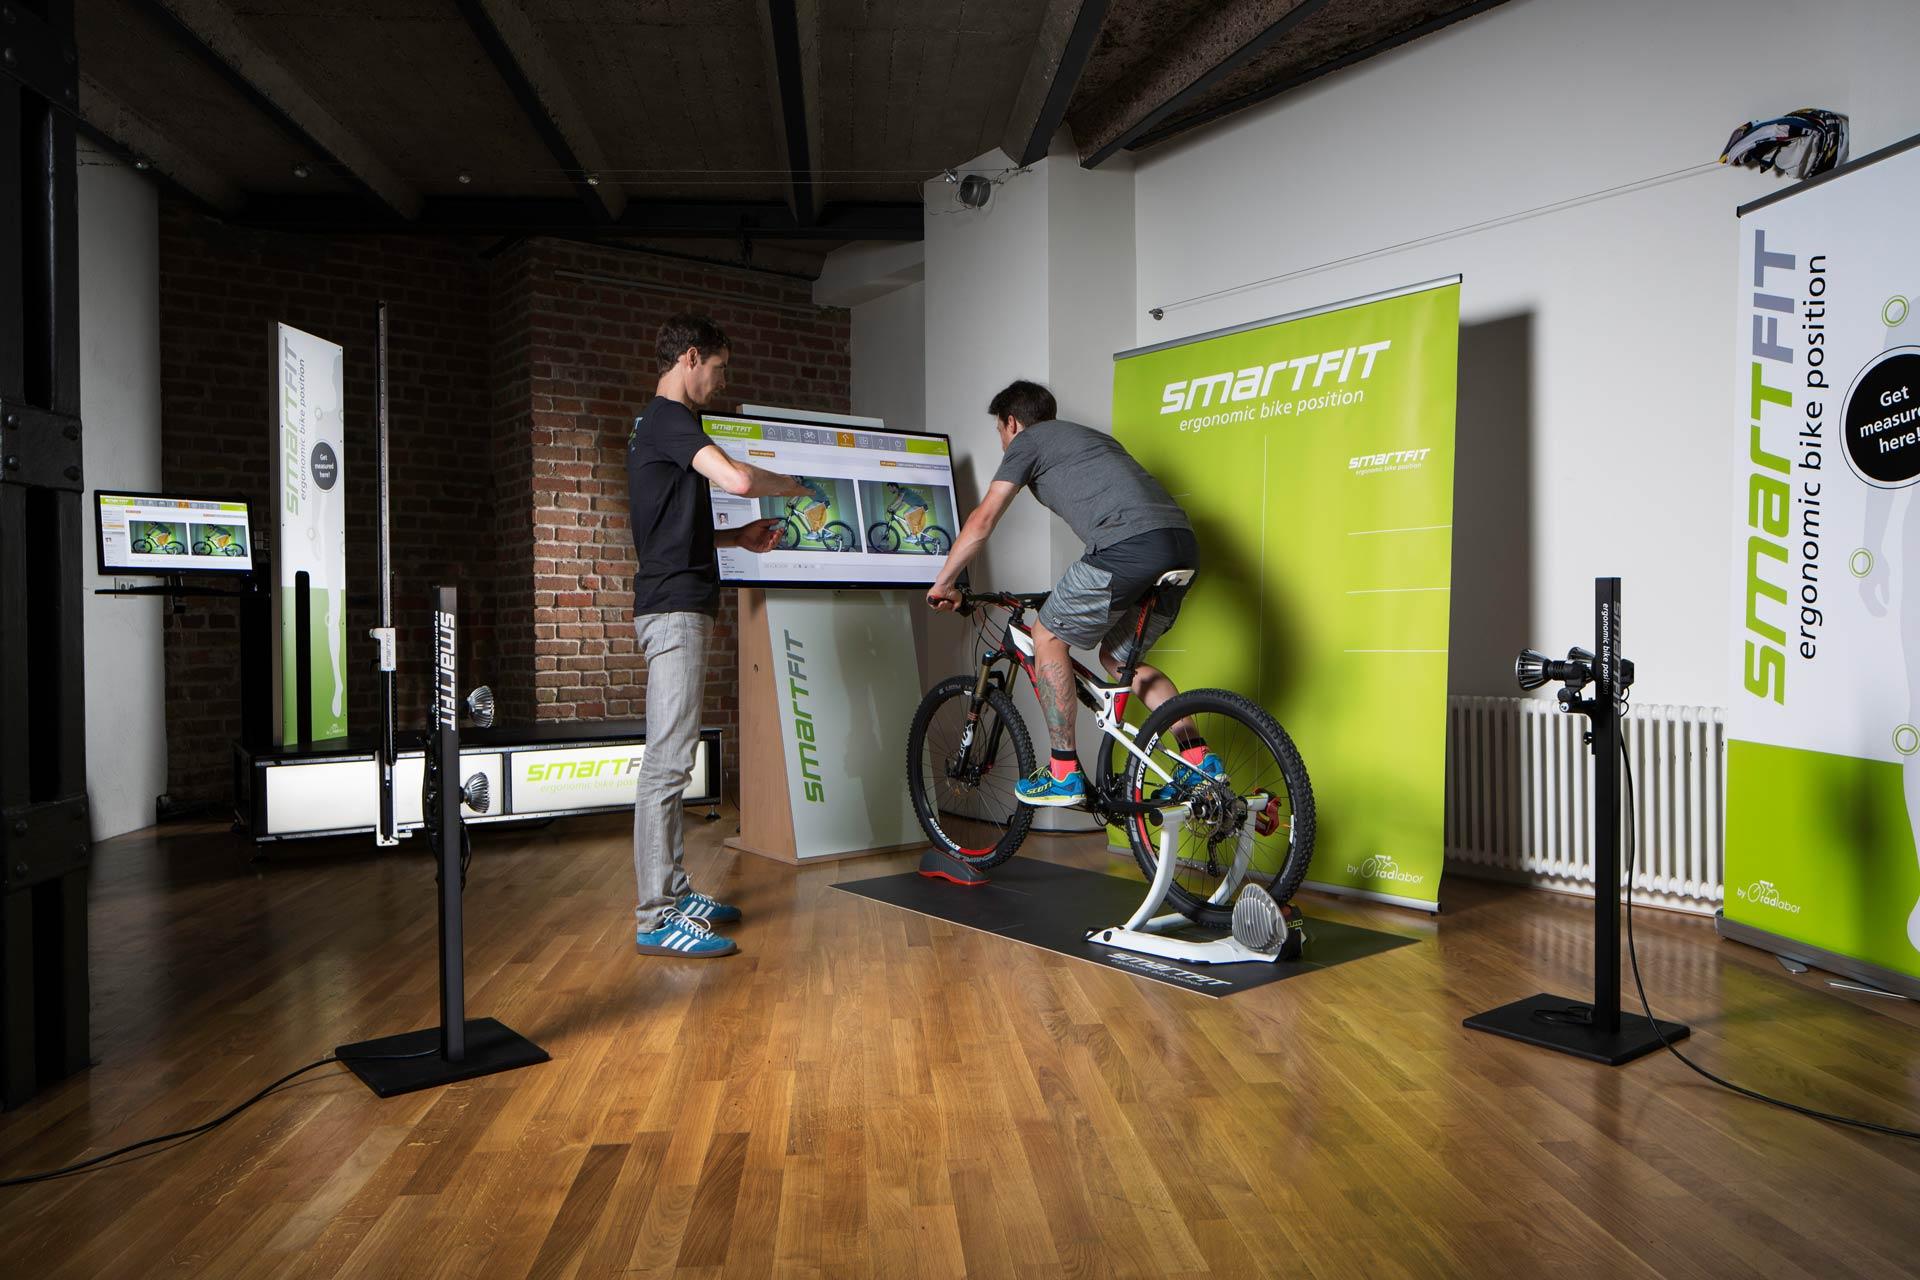 Neu in der Radstation Bikefittery - Bikefitting mit dem Smartfit Q5 System für höchste Ansprüche